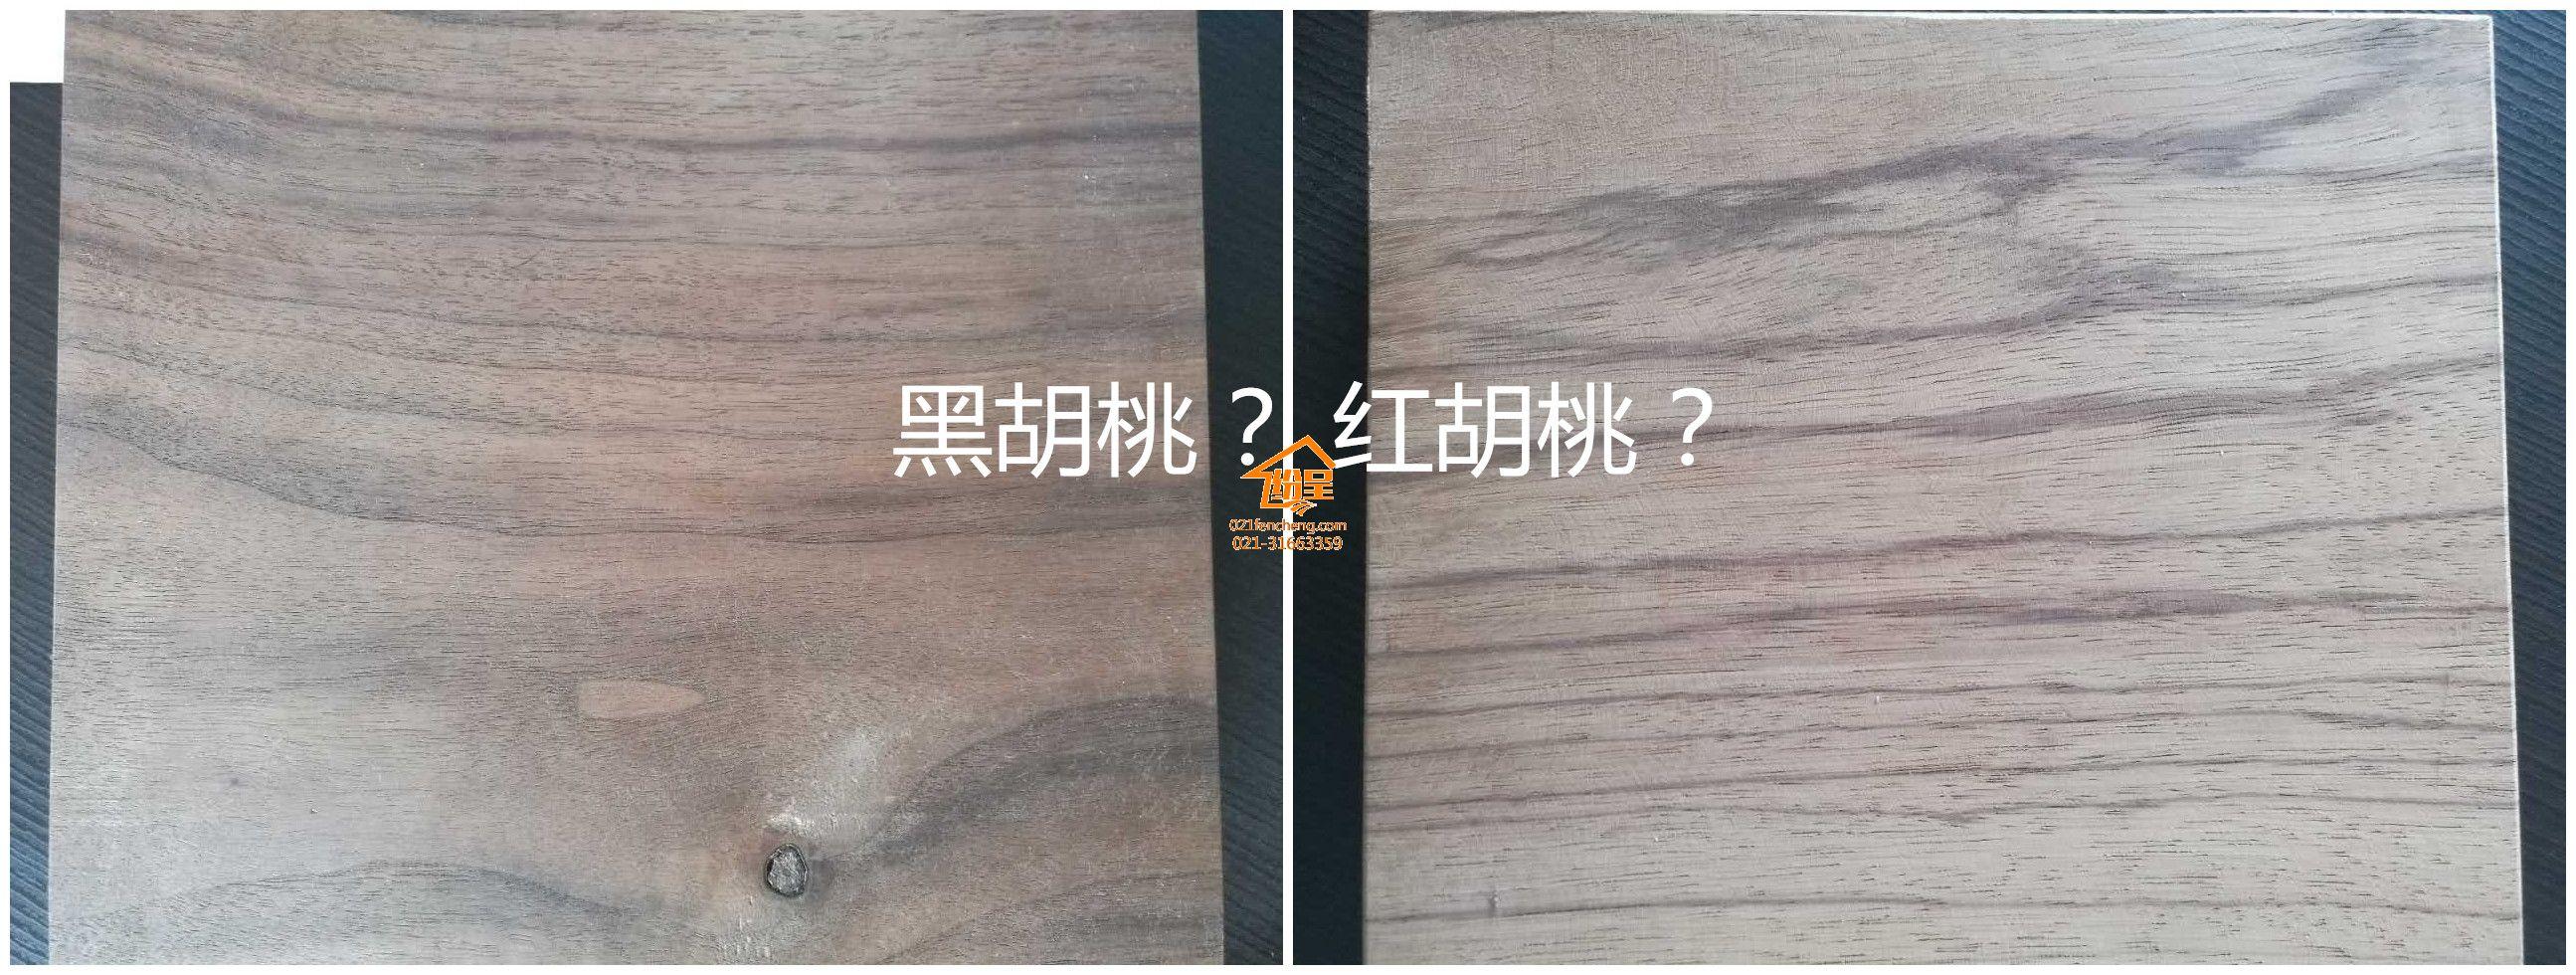 比较便宜的胡桃木家具,那样的家具你可要小心的,很有可能是参了假的.